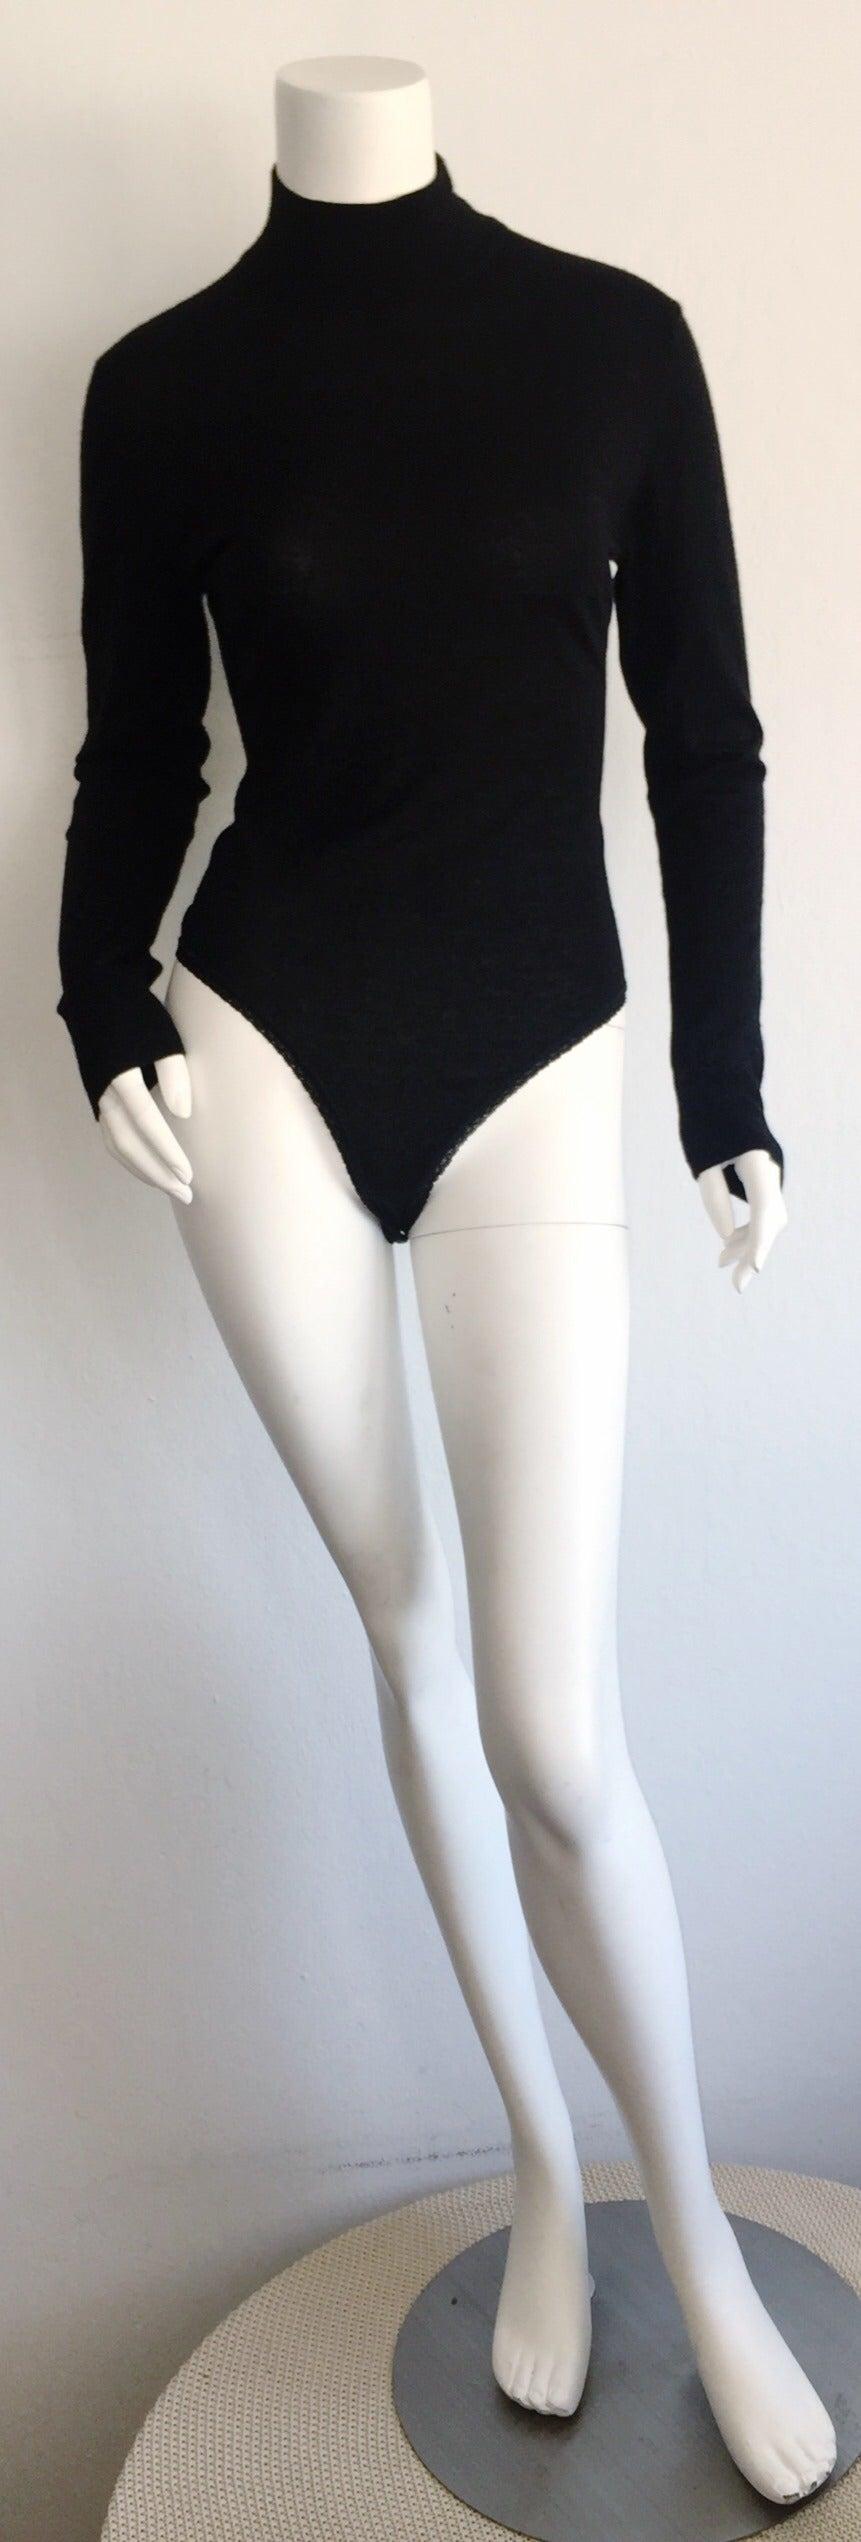 Sexy Vintage Donna Karan Black Cashmere Bodysuit / Onesie 8